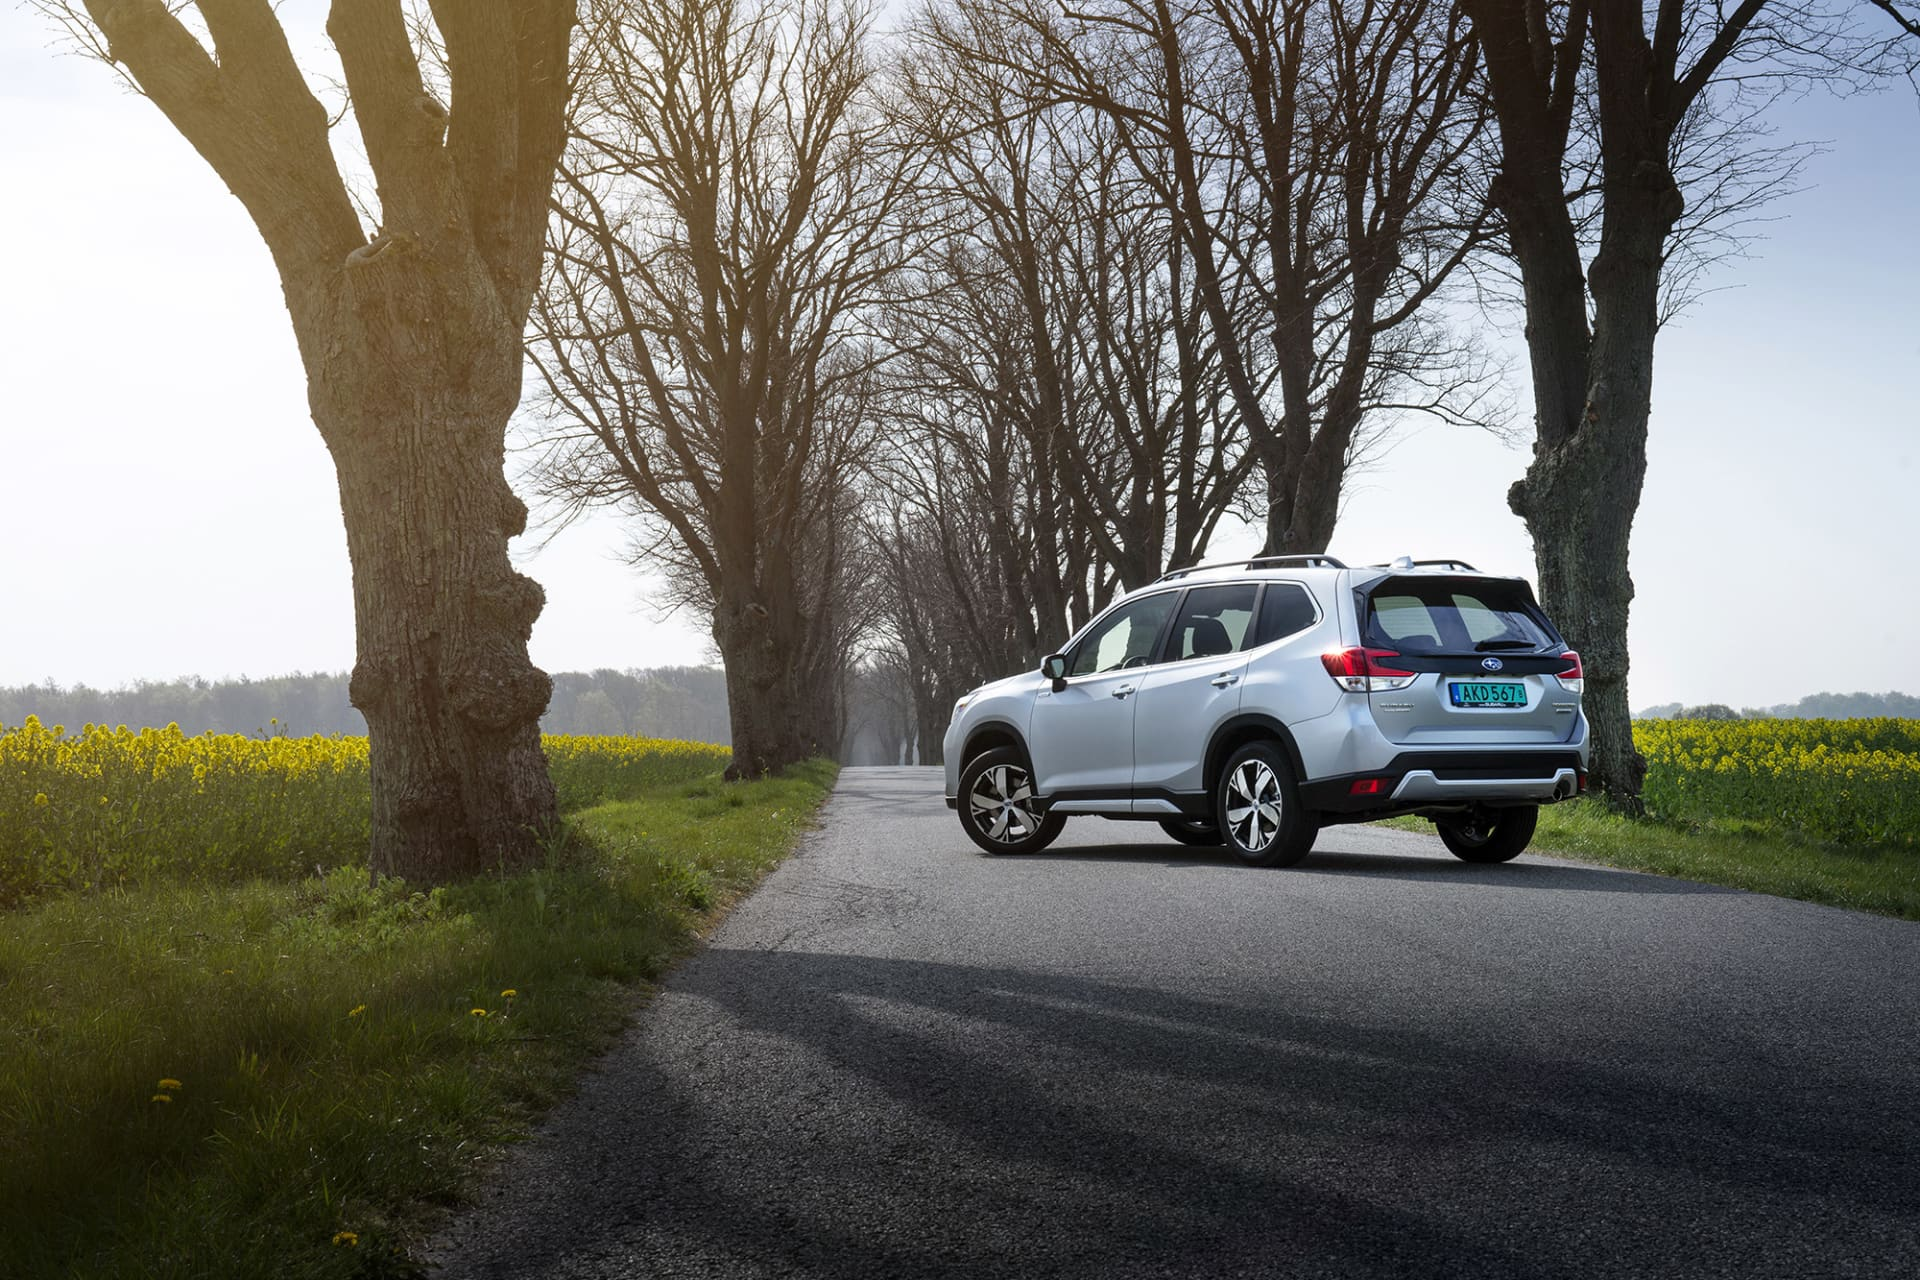 Storleksmässigt har nya Subaru Forester e-Boxer växt en aning sen sin föregångare. Det märks framförallt i baksätet där dom tre extra centimetrarna som lagts till på axelavståndet.